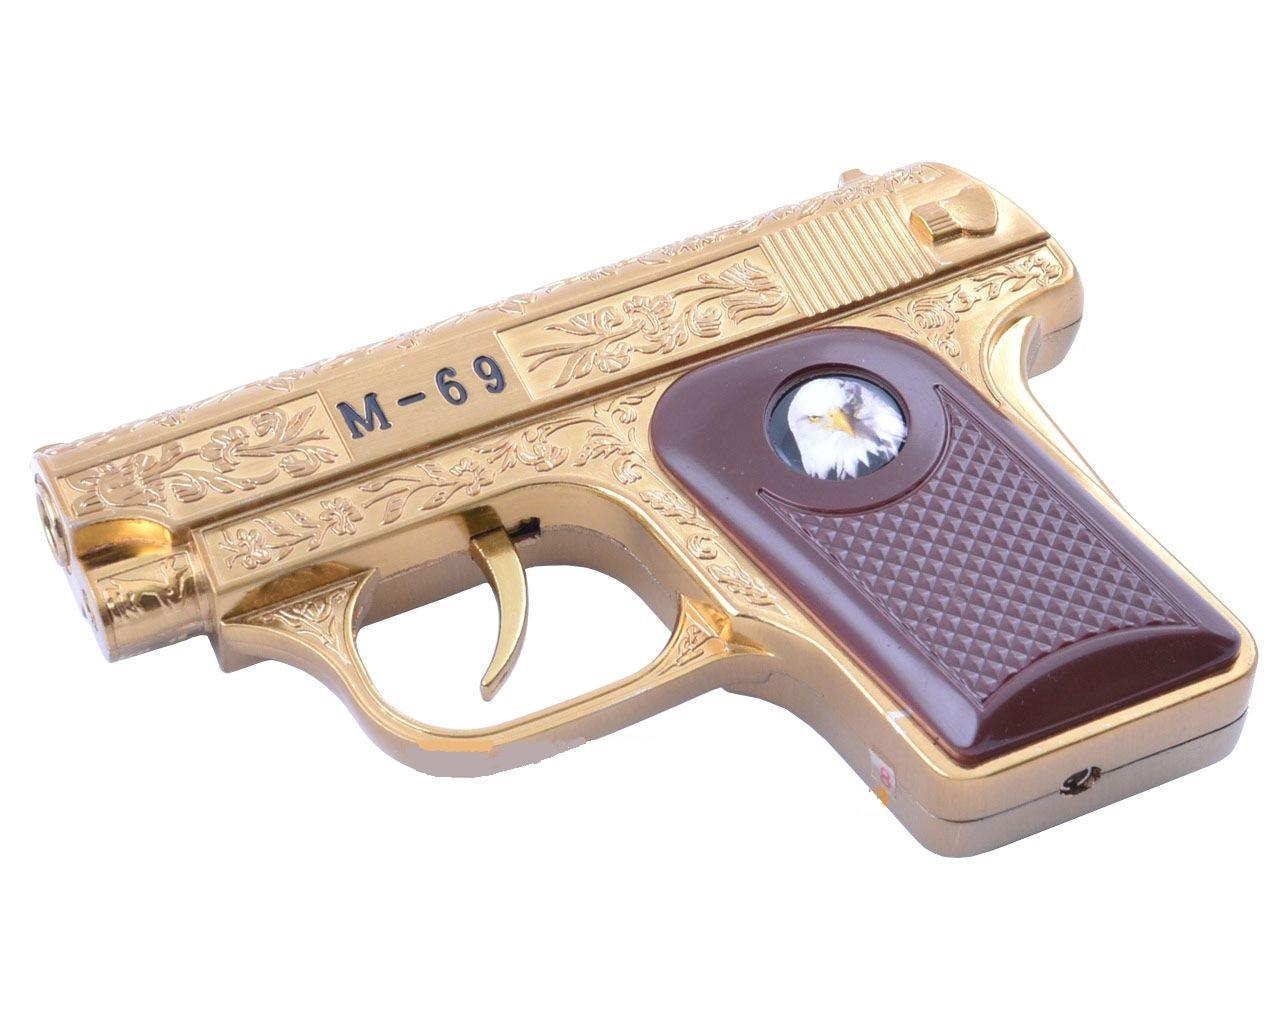 Зажигалка сувенирная Пистолет M-69 (Турбо пламя) подарок мужу